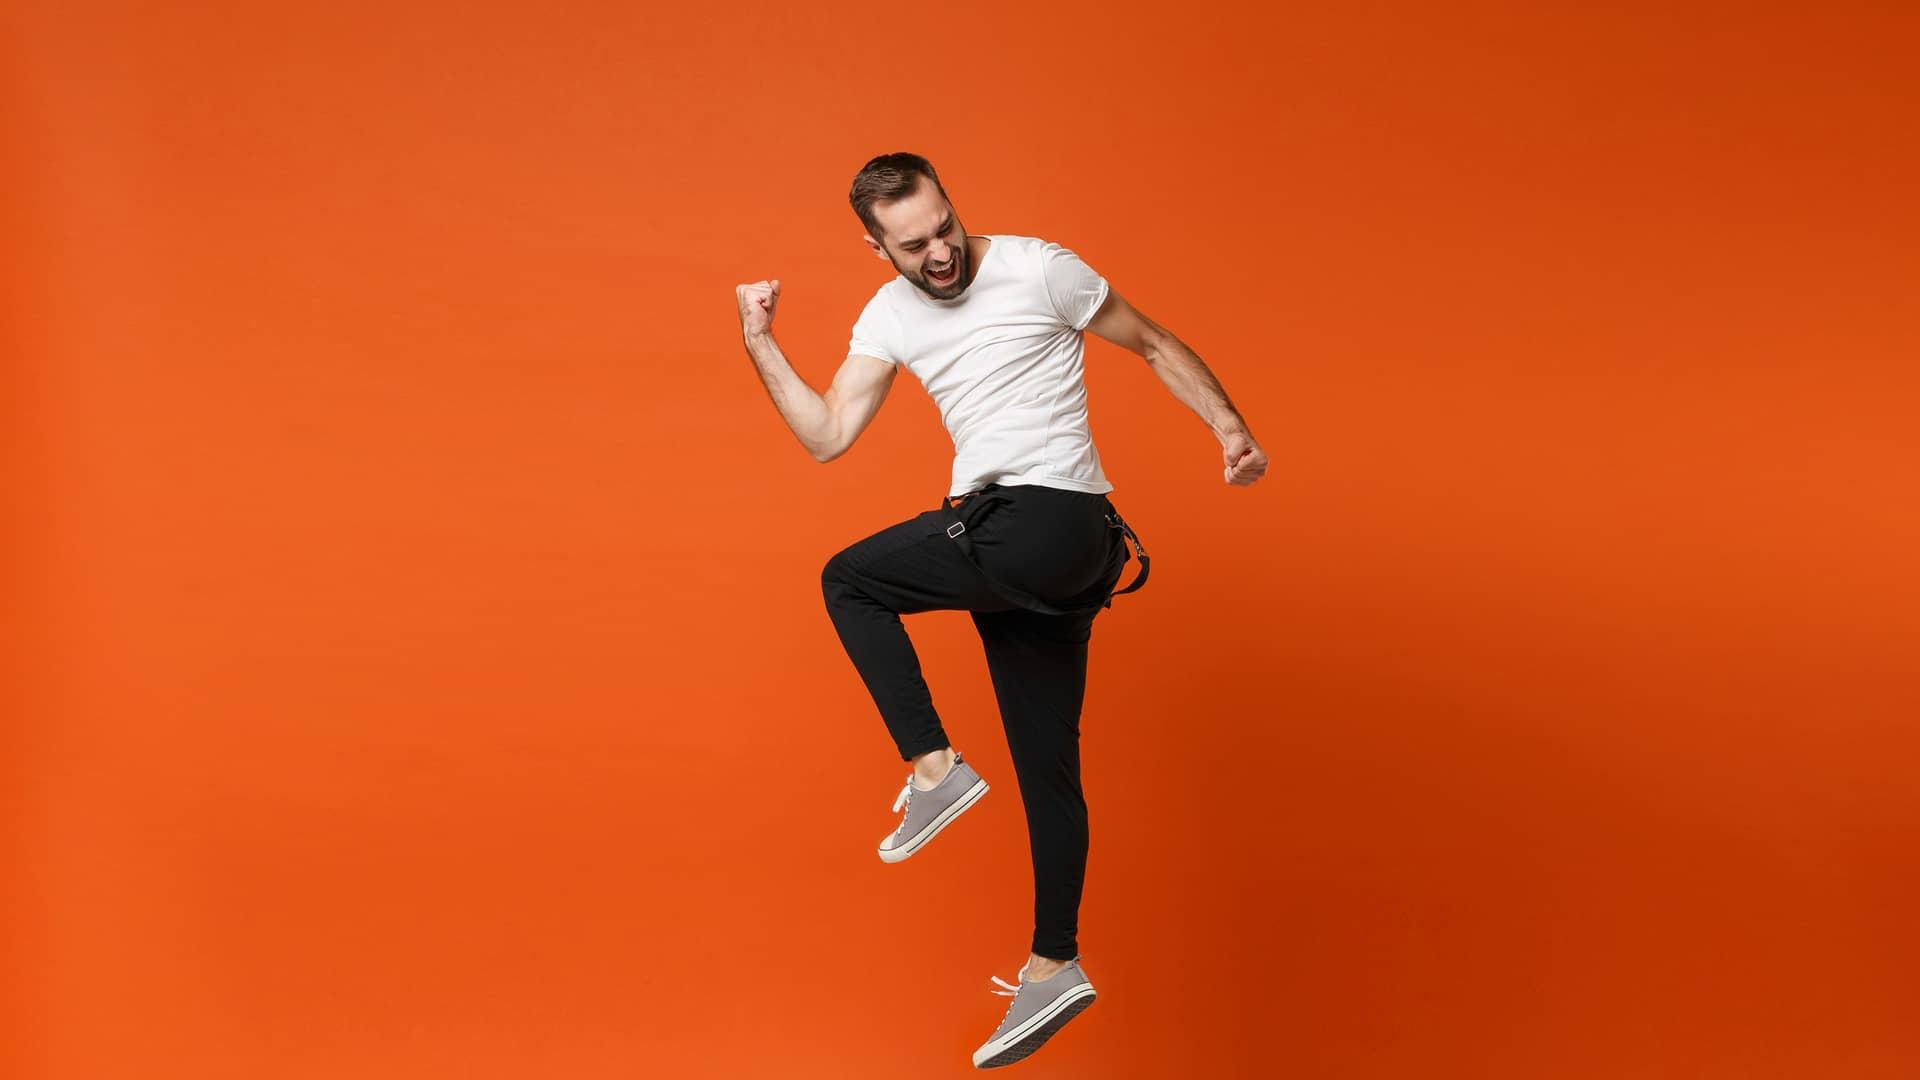 Joven saltando simboliza la portabilidad de simyo